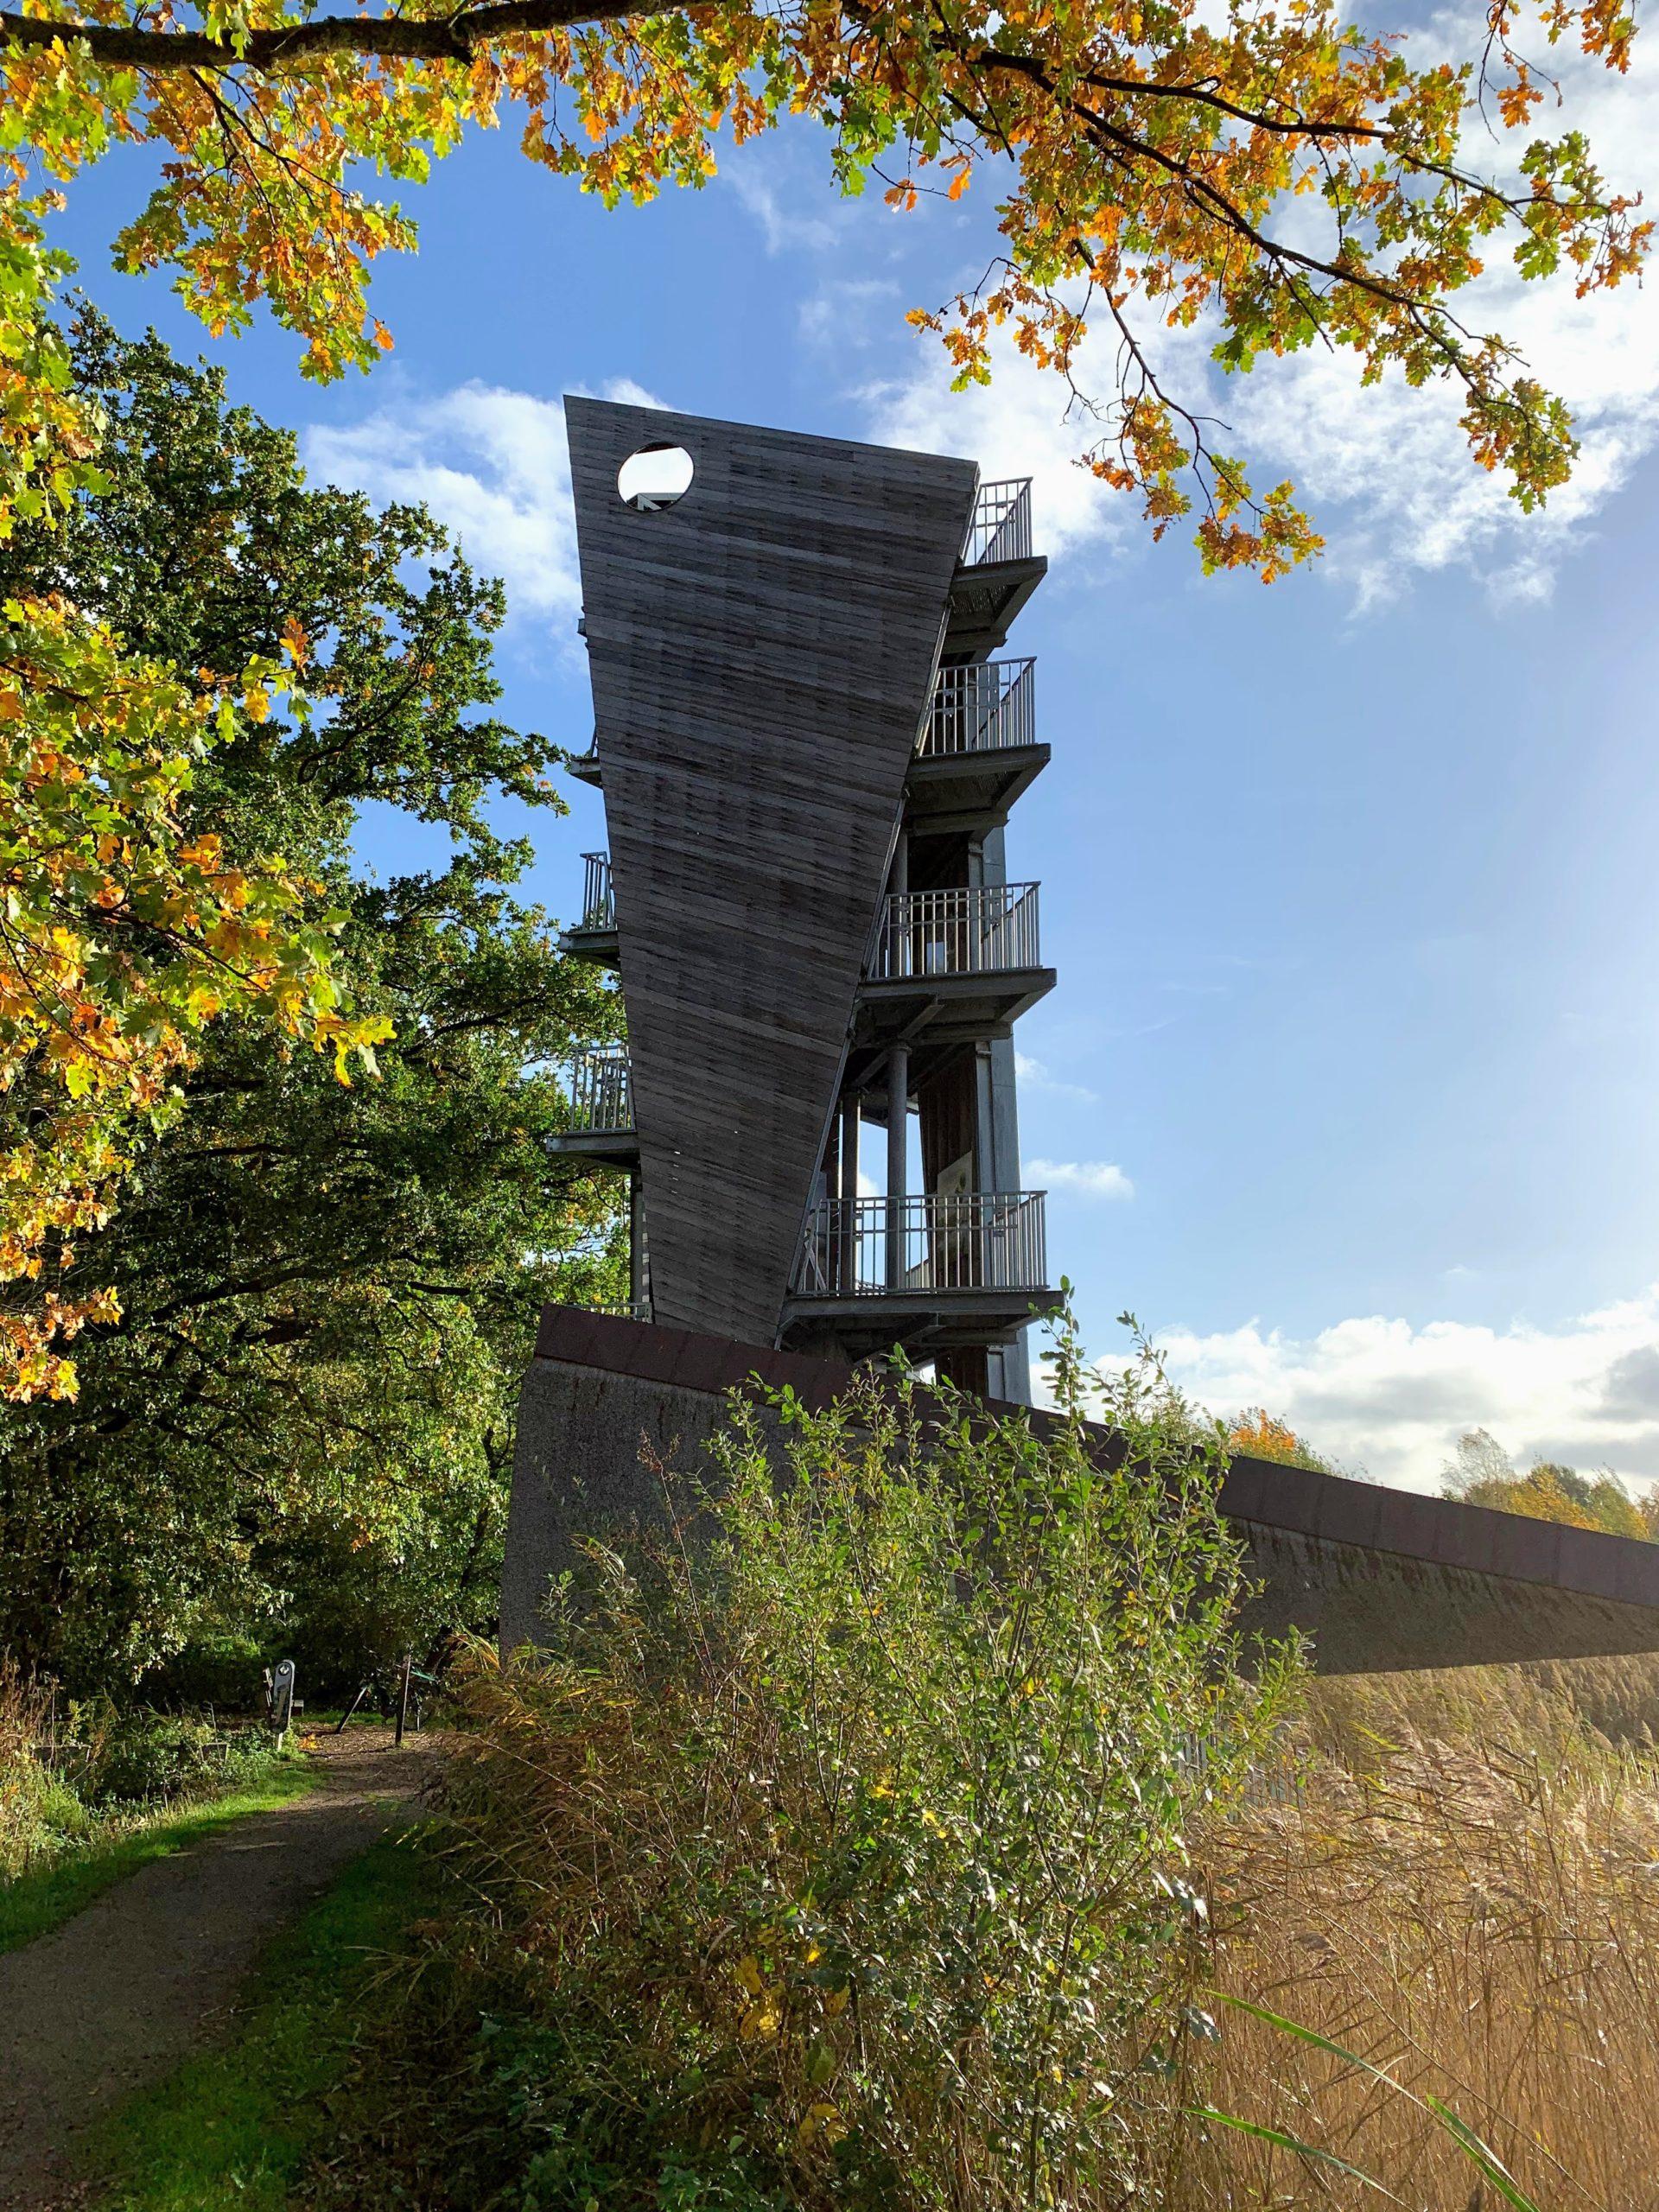 Wandelen naar uitkijktoren in Zonhoven - de Wijers